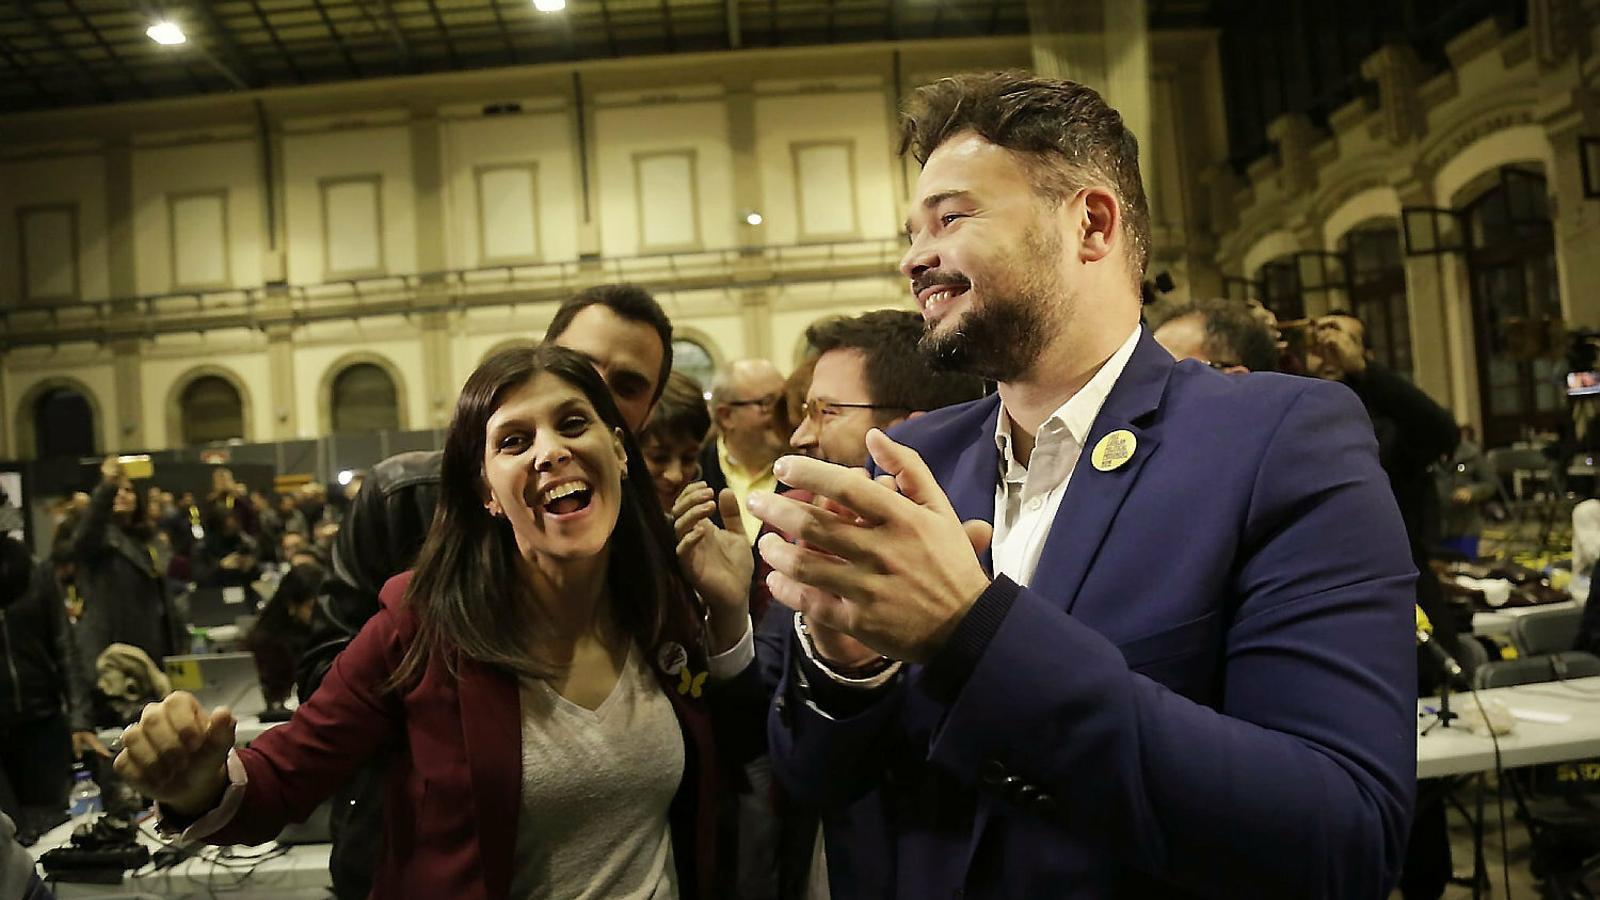 L'independentisme es torna a fer fort  a les urnes amb la irrupció de la CUP